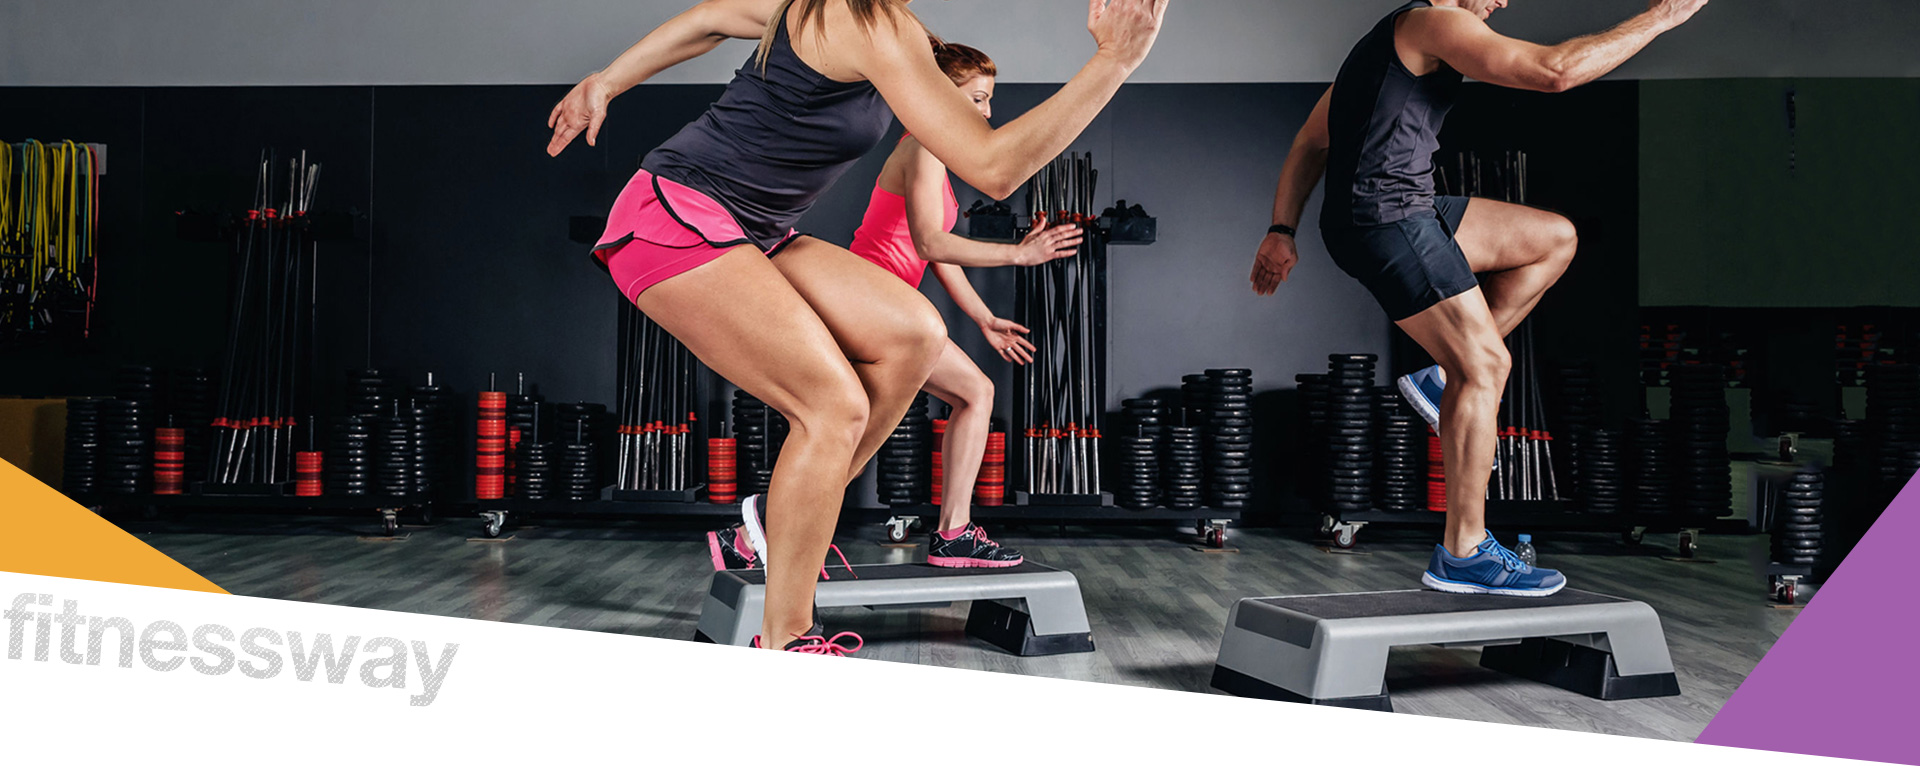 Corso Istruttore Fitness